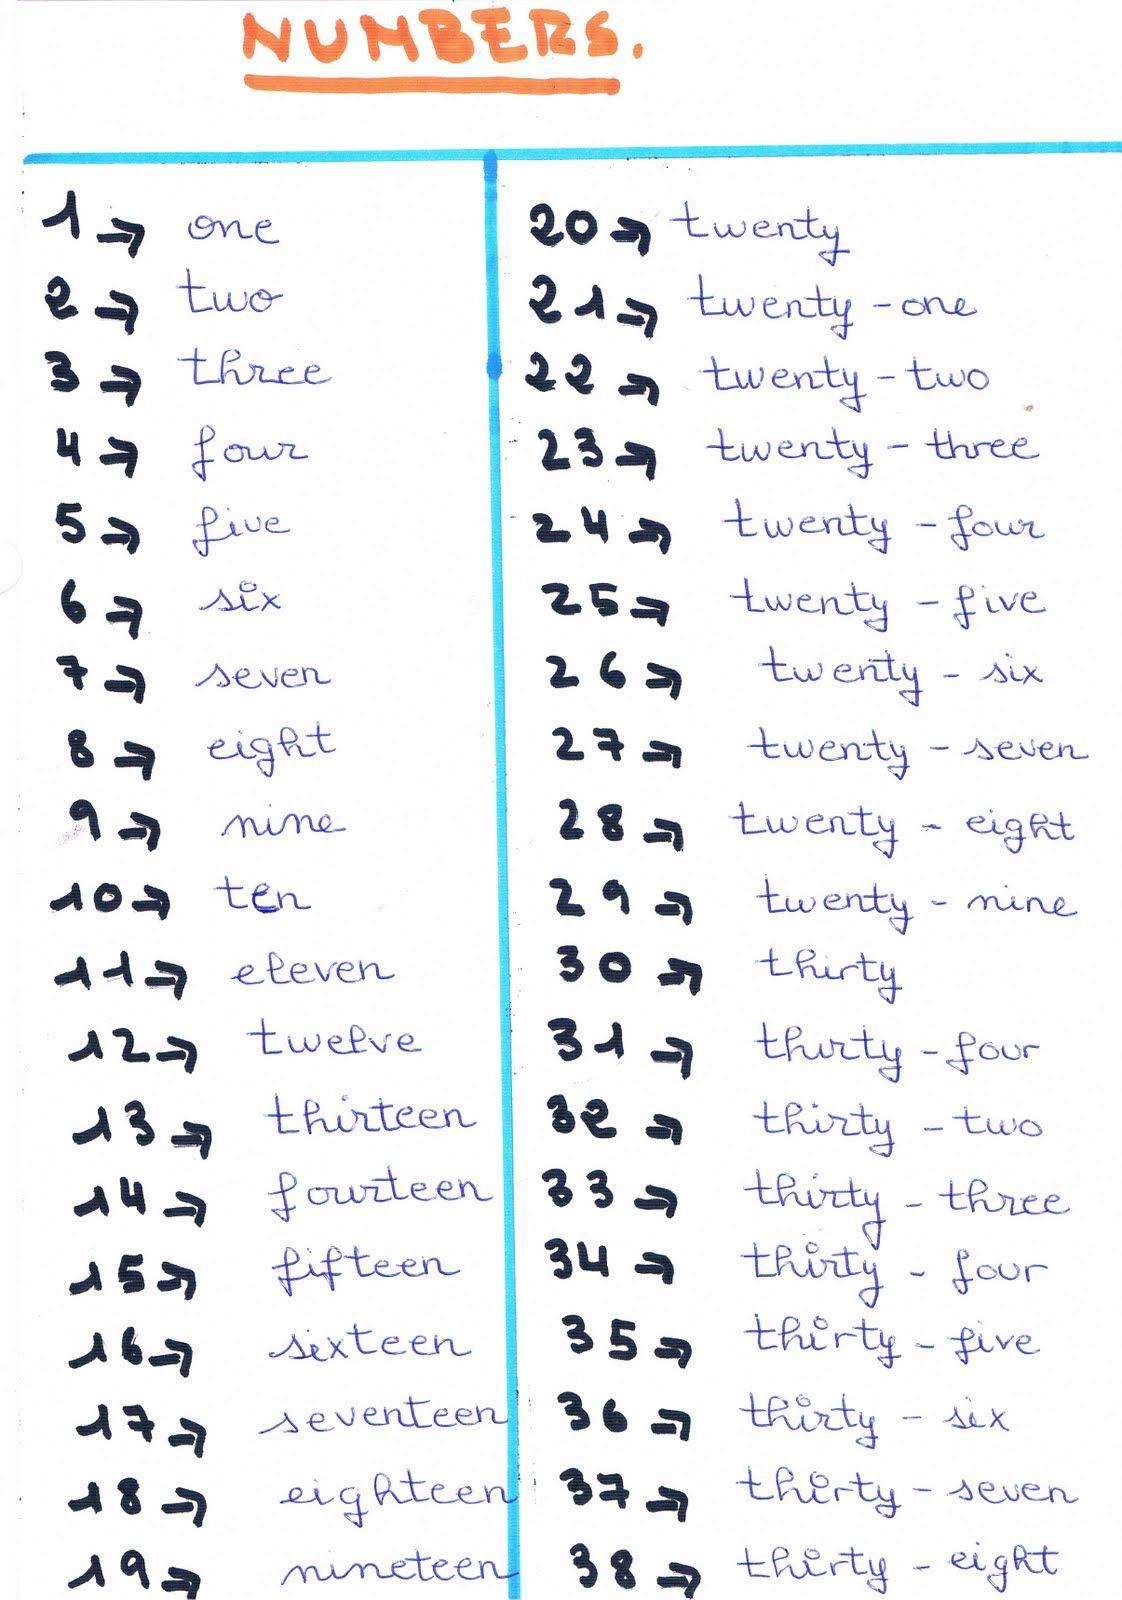 Numeros Del 1 Al 100en Ingles Printable Calendar Template Nombres En Ingles Free Numeros En Ingles